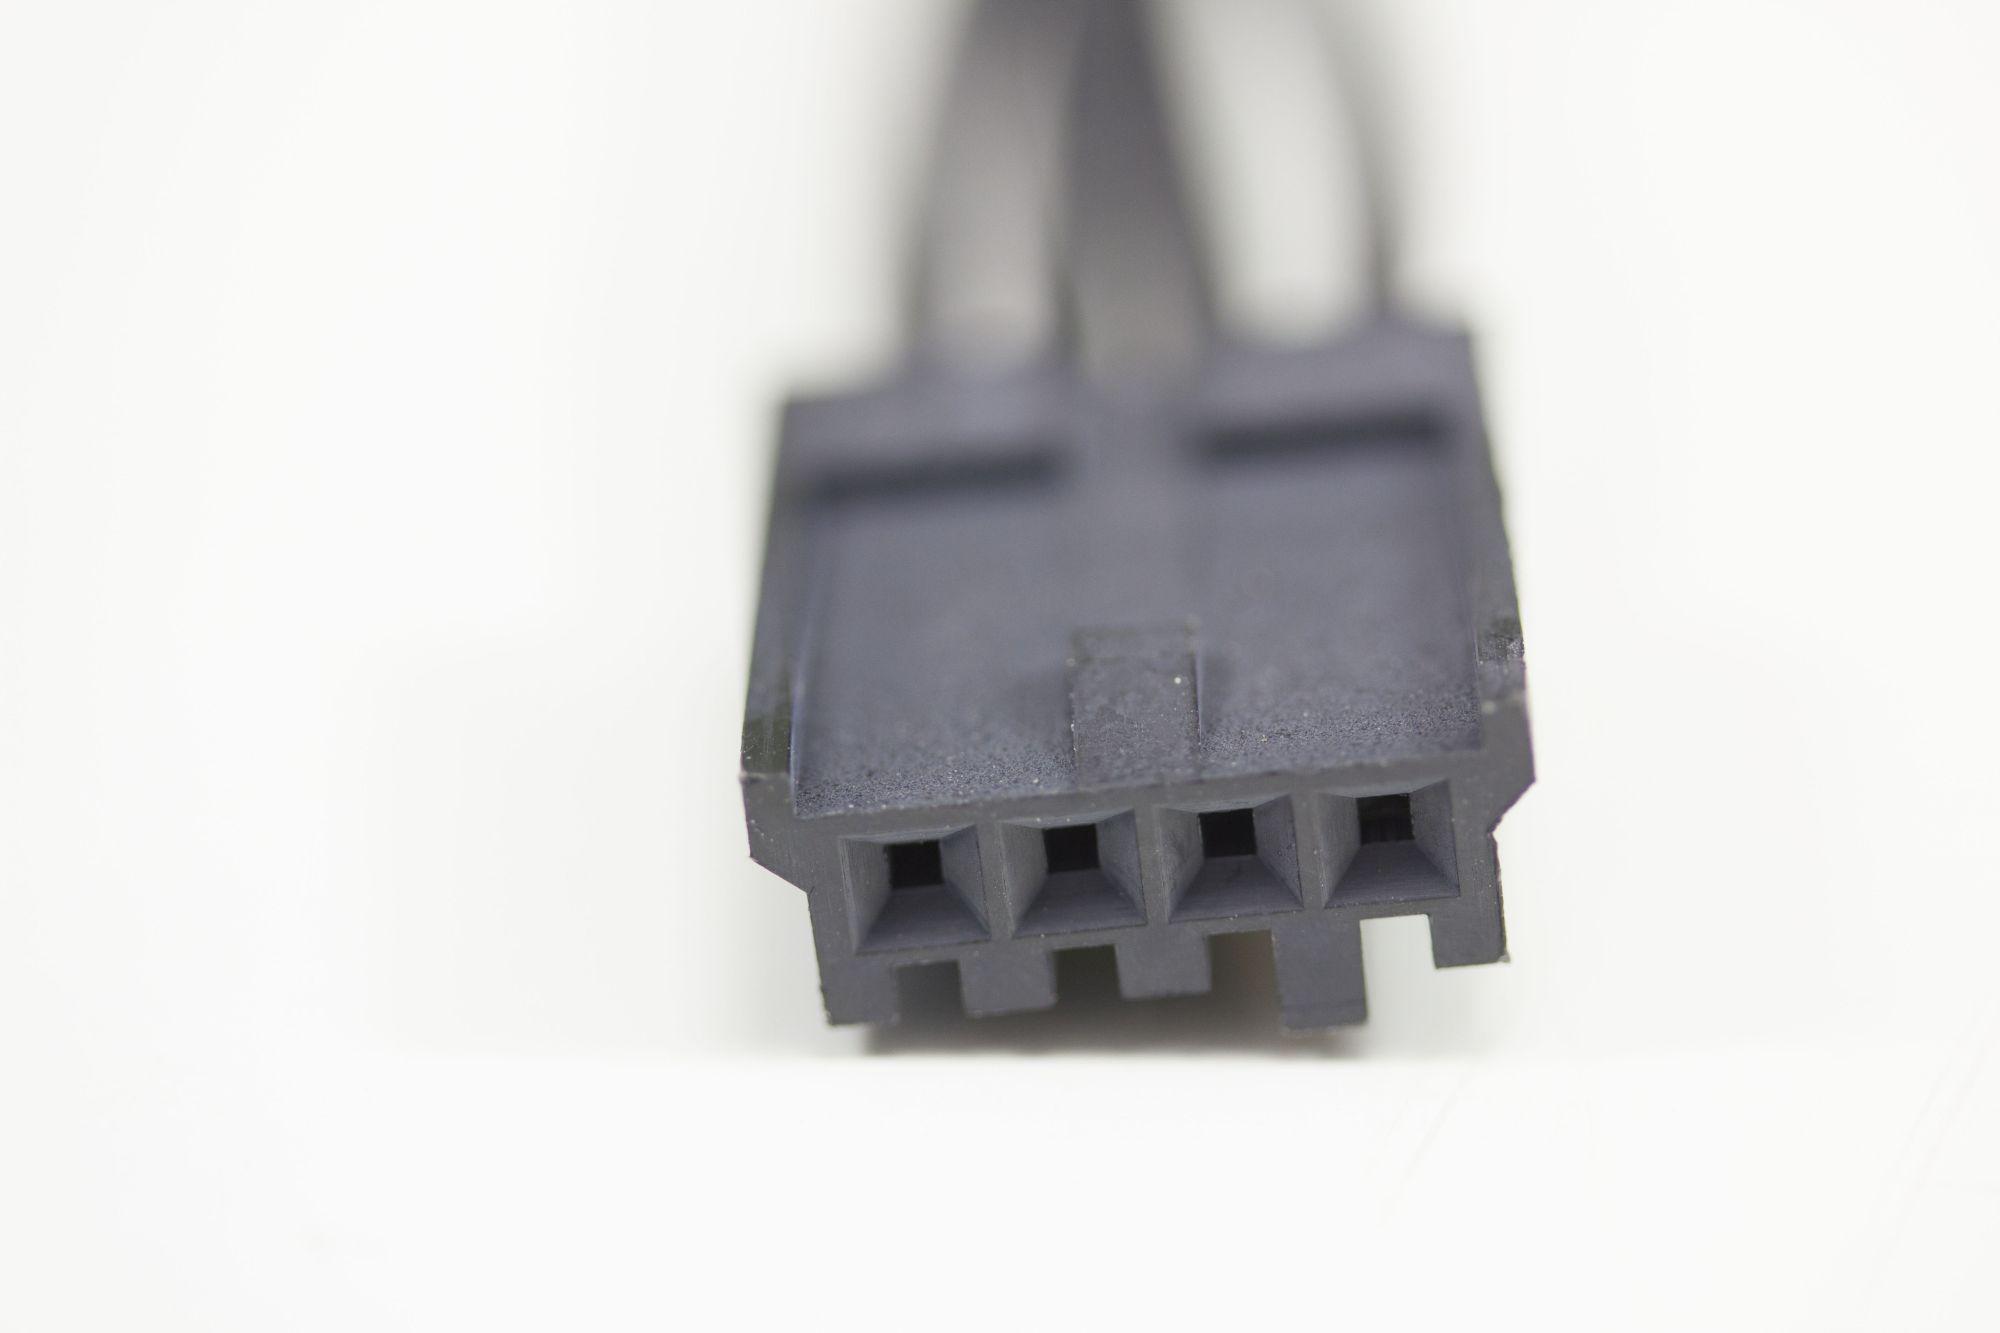 PSU_plug_floppy